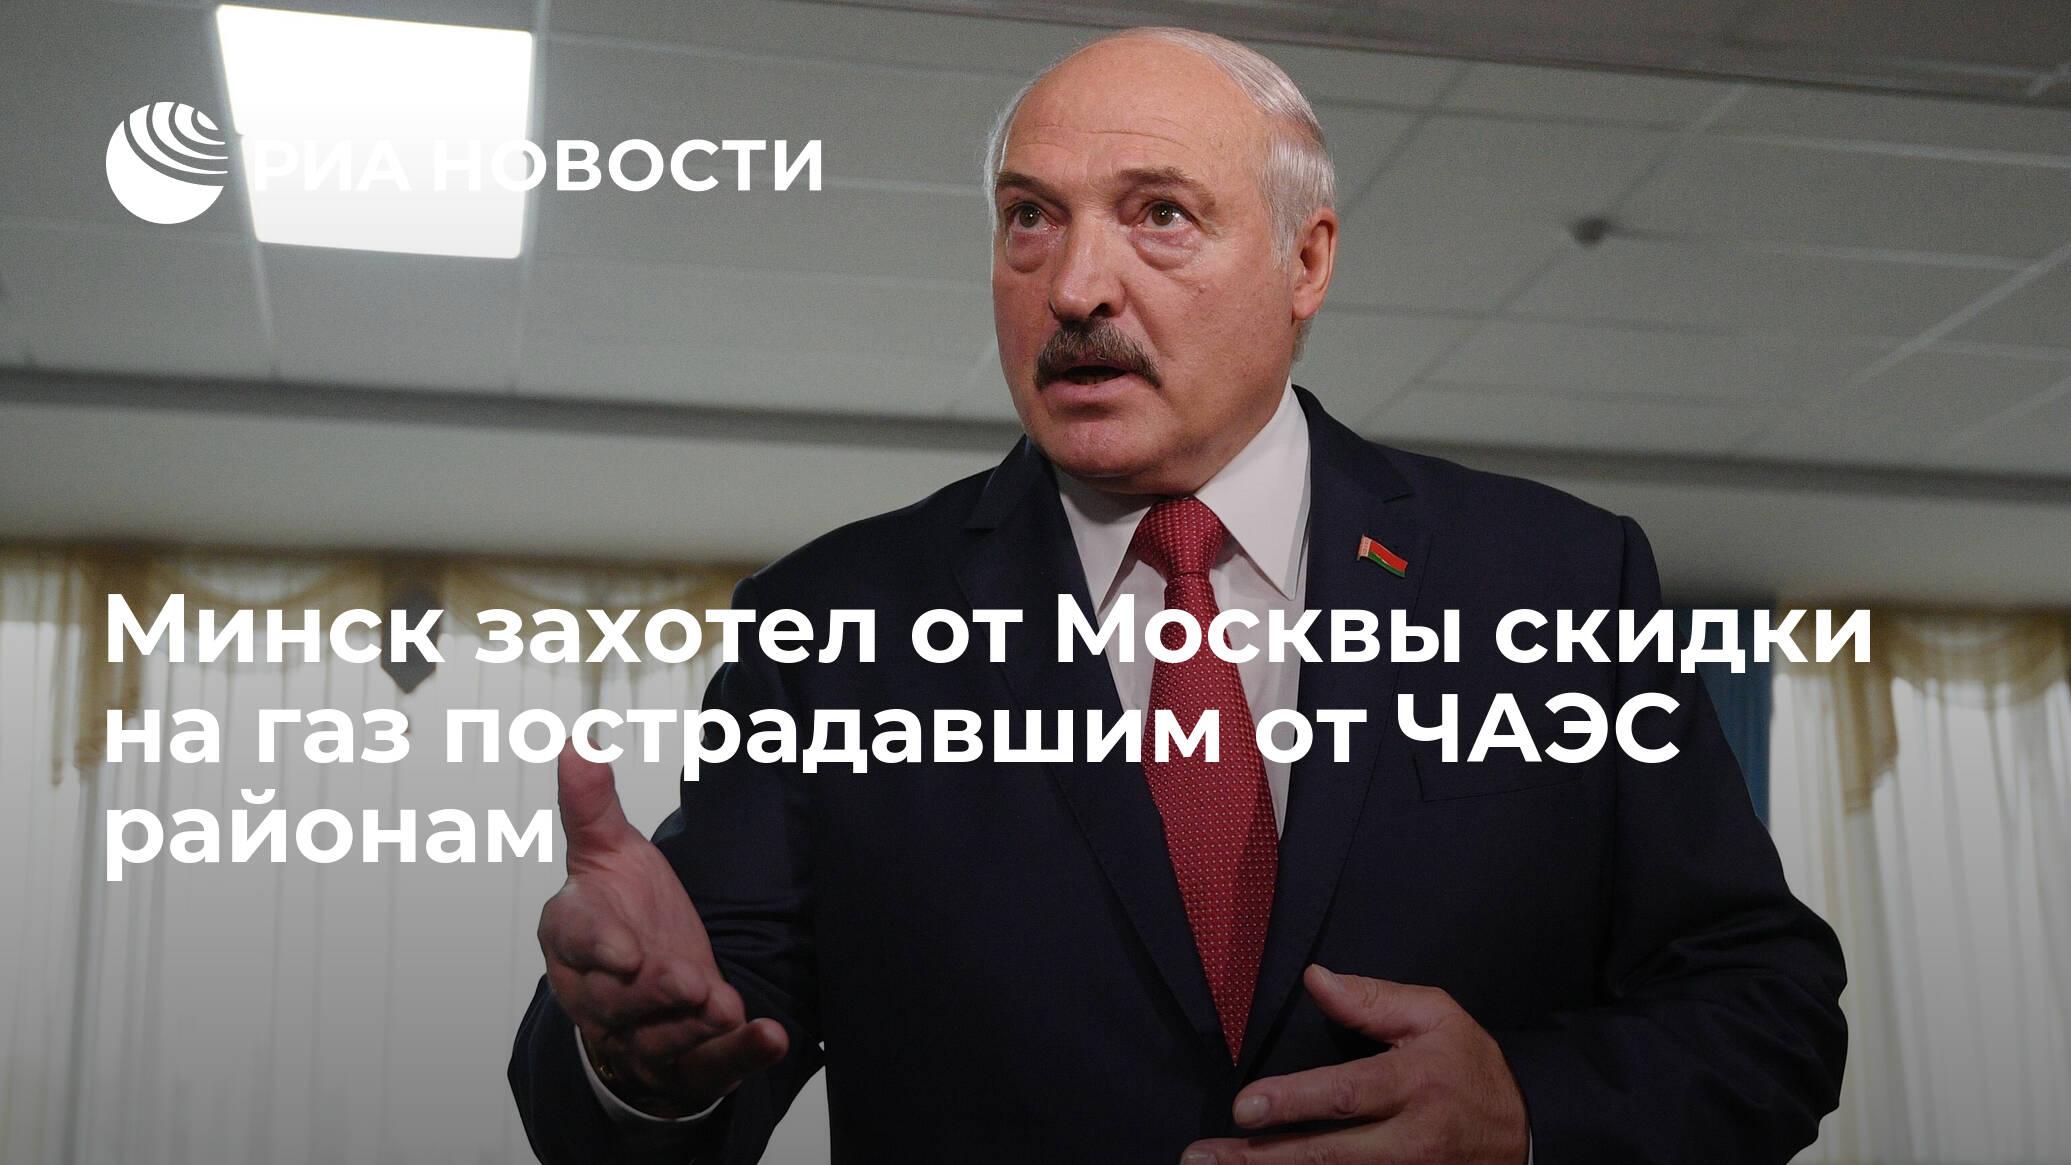 Минск захотел от Москвы скидки на газ пострадавшим от ЧАЭС районам